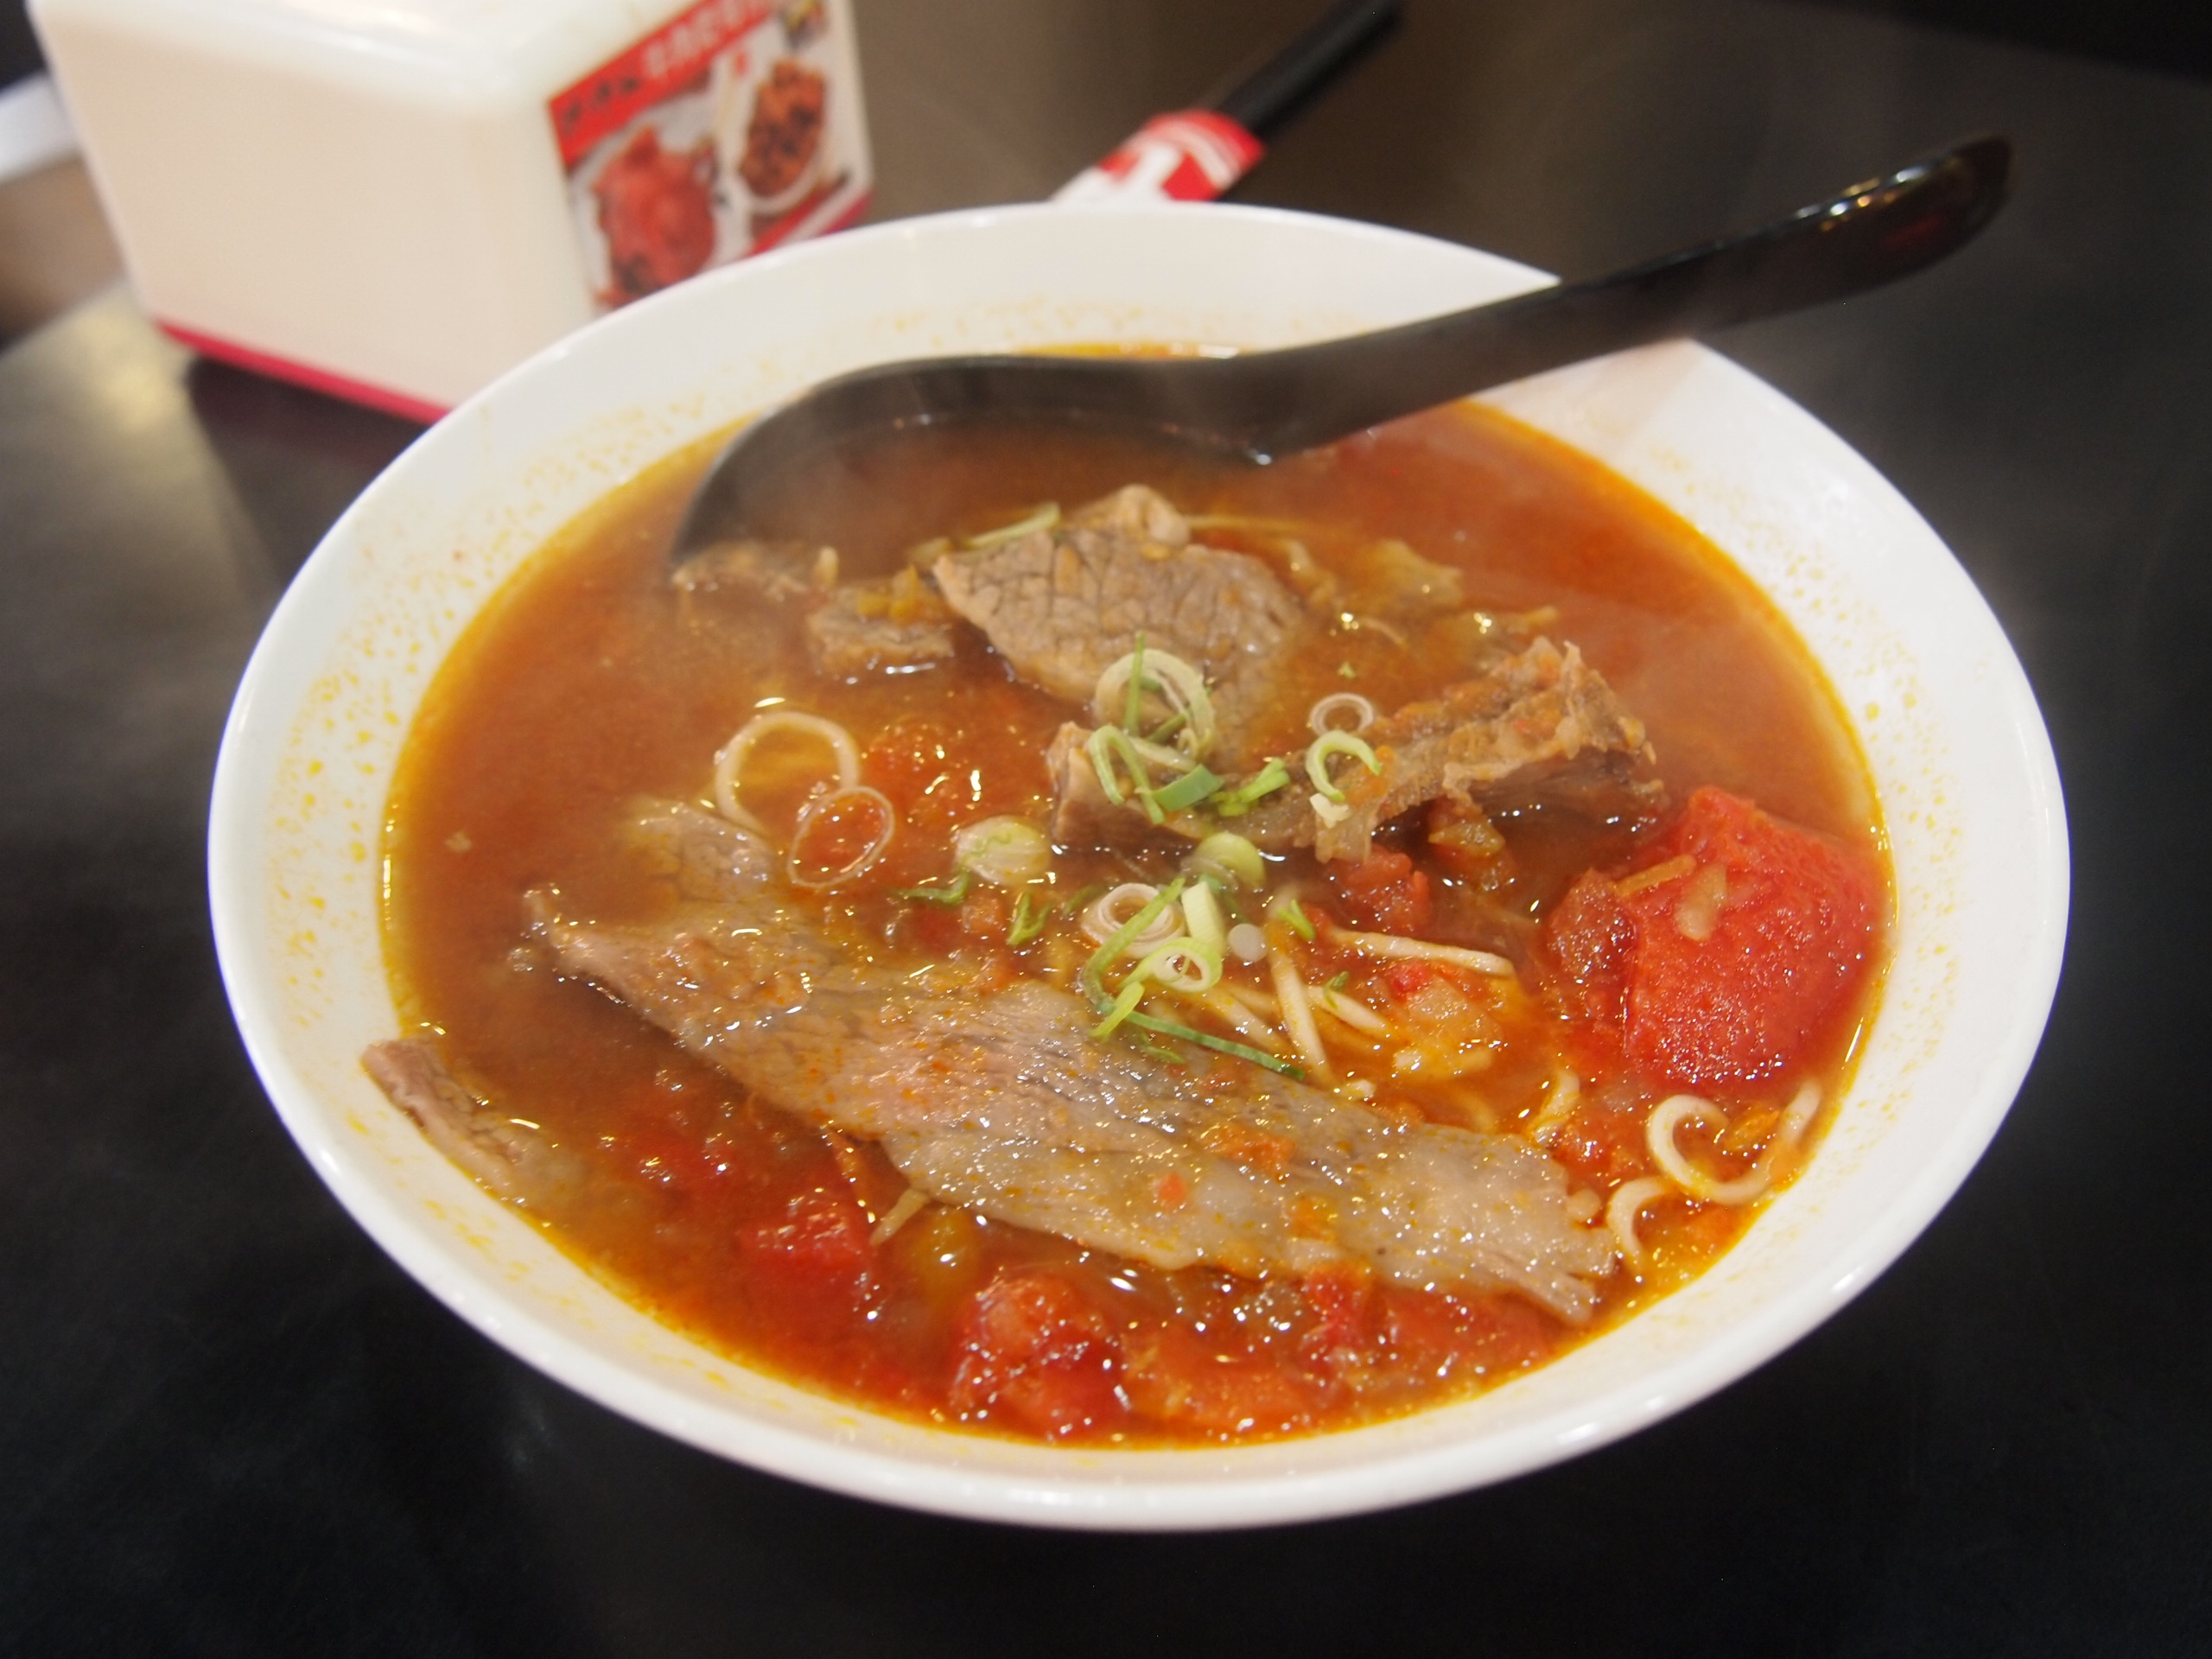 台北でわざわざ食べる価値あり!洪師父牛麺のトマト麺が美味い!